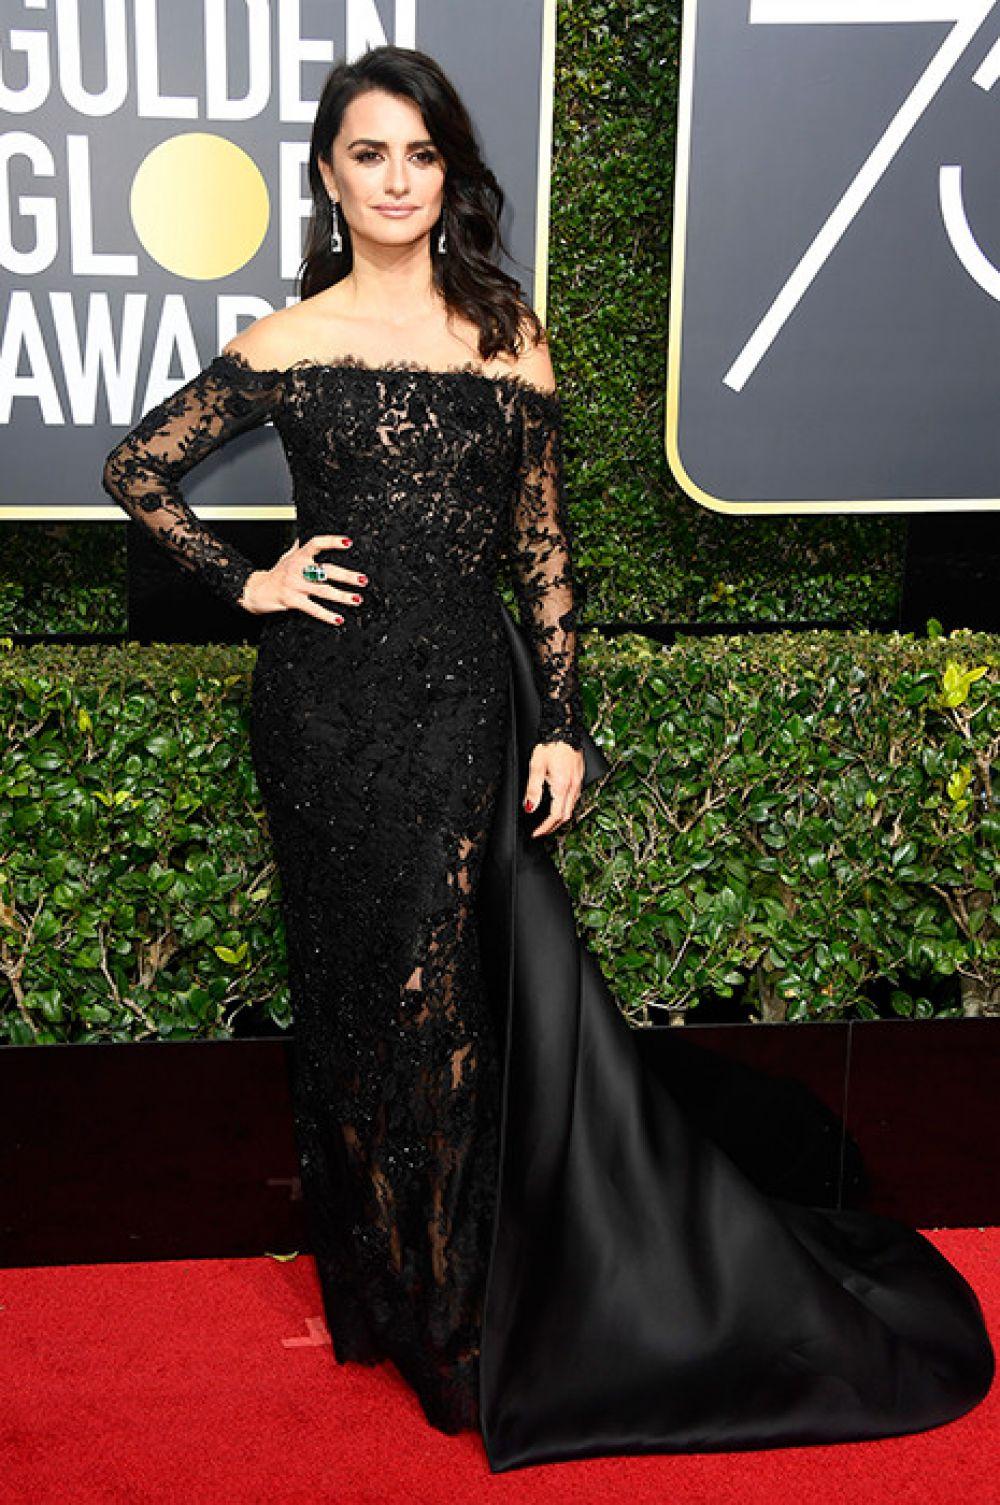 Пенелопа Крус надела черное кружевное платье, которое смотрелось восхитительно.